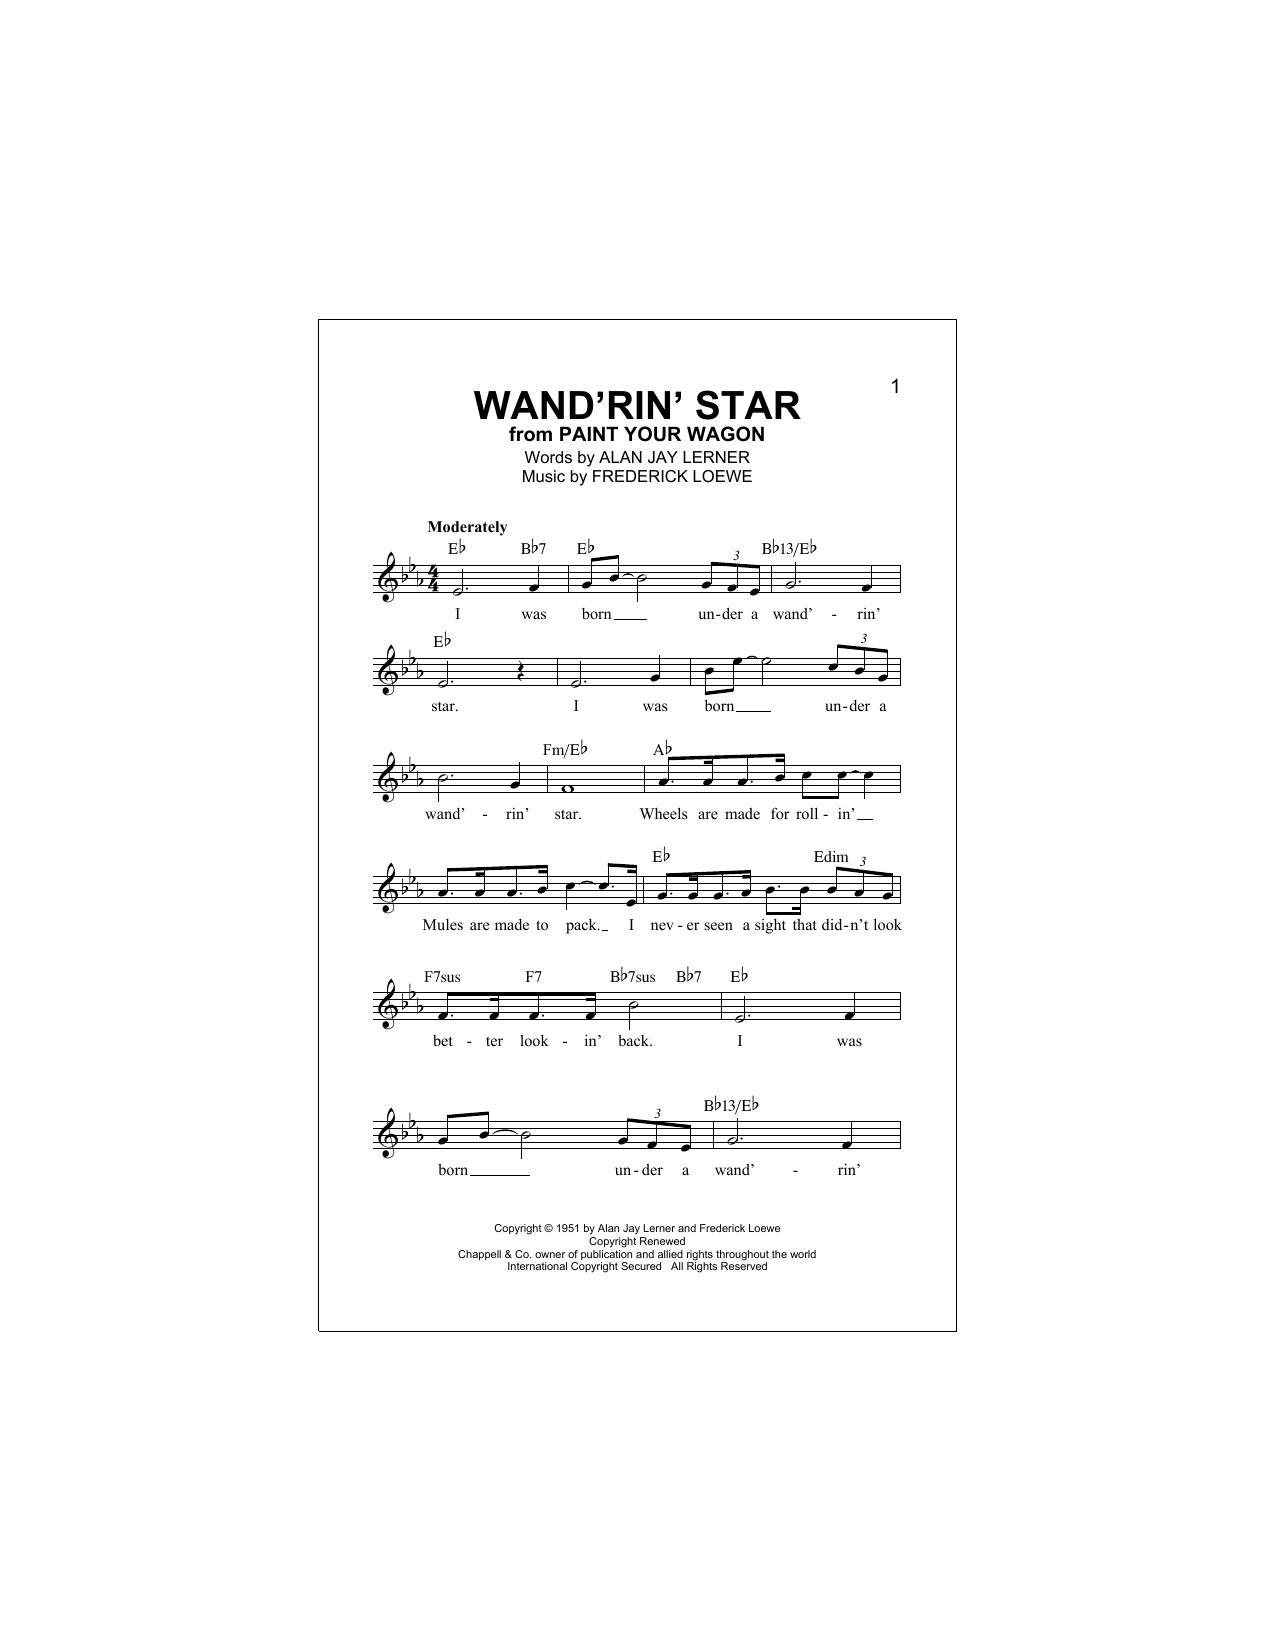 Wand'rin' Star Sheet Music